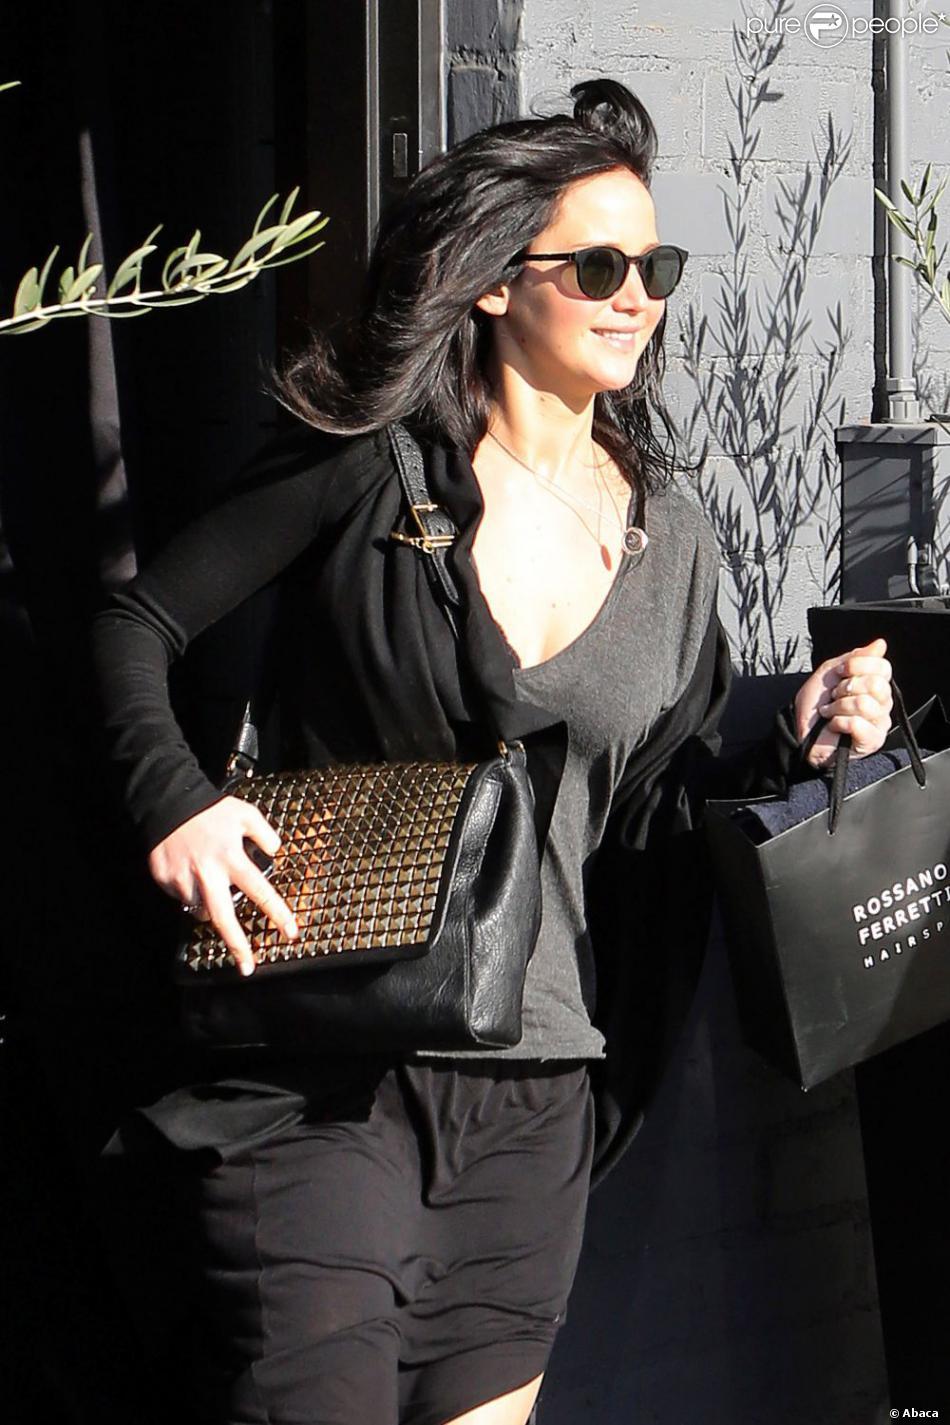 Jennifer Lawrence sort du salon de coiffure Rossano Ferretti en brune pour les besoins du tournage d'Hunger Games 2, à Beverly Hills, le 25 février 2013.